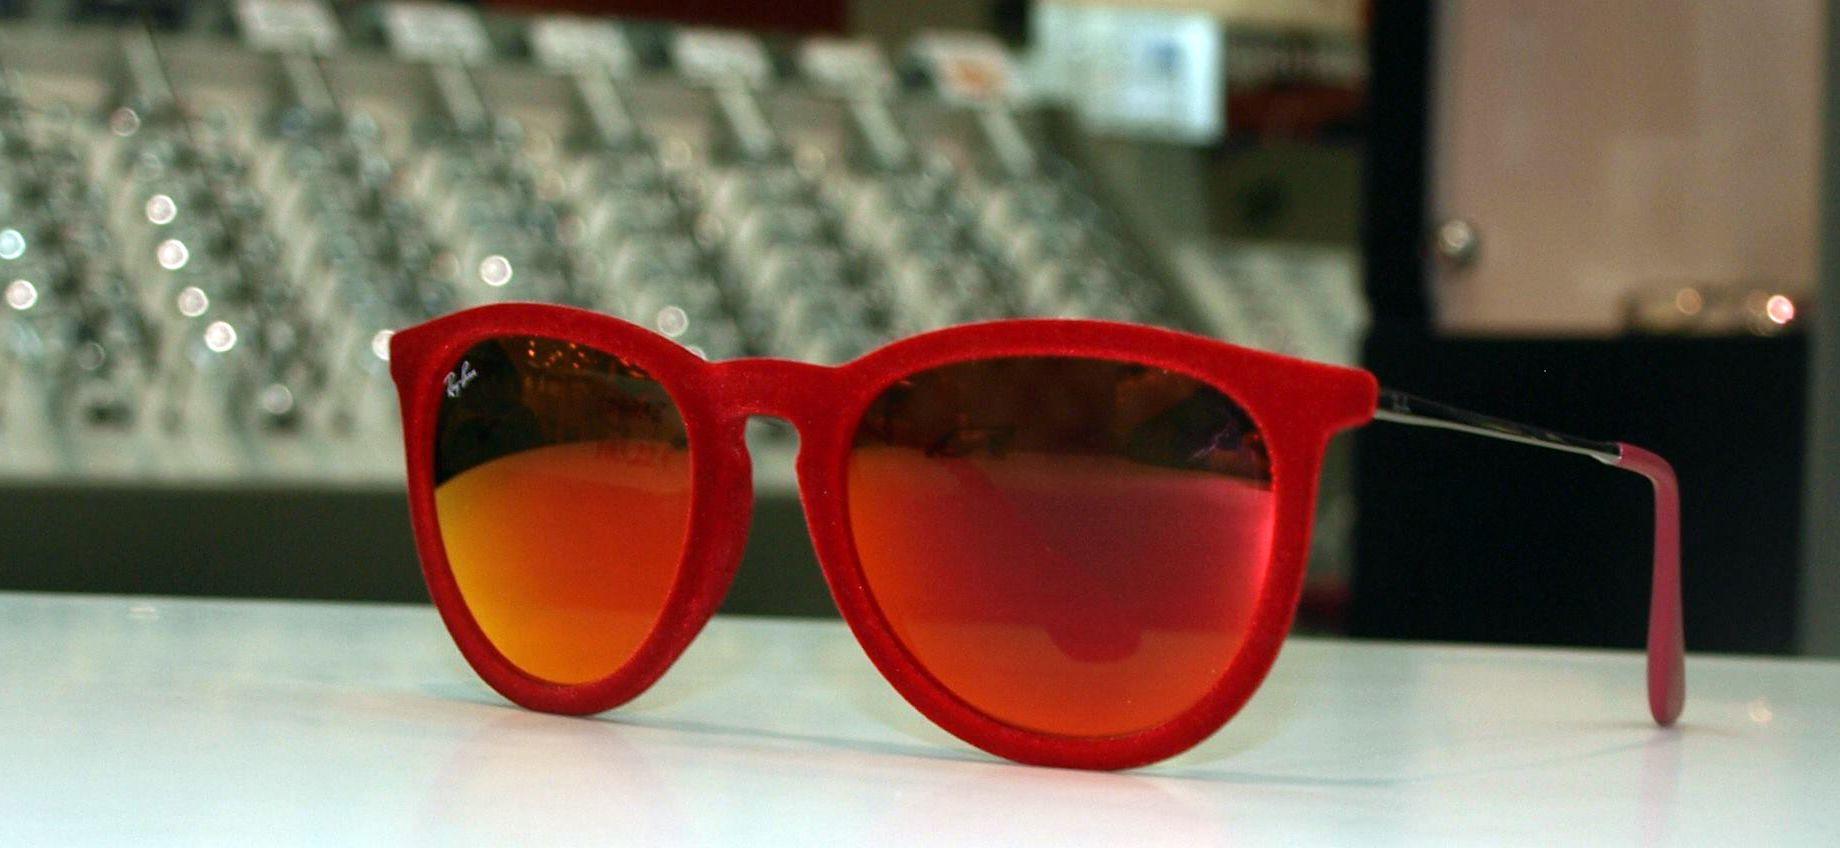 precio gafas de sol ray ban visionlab